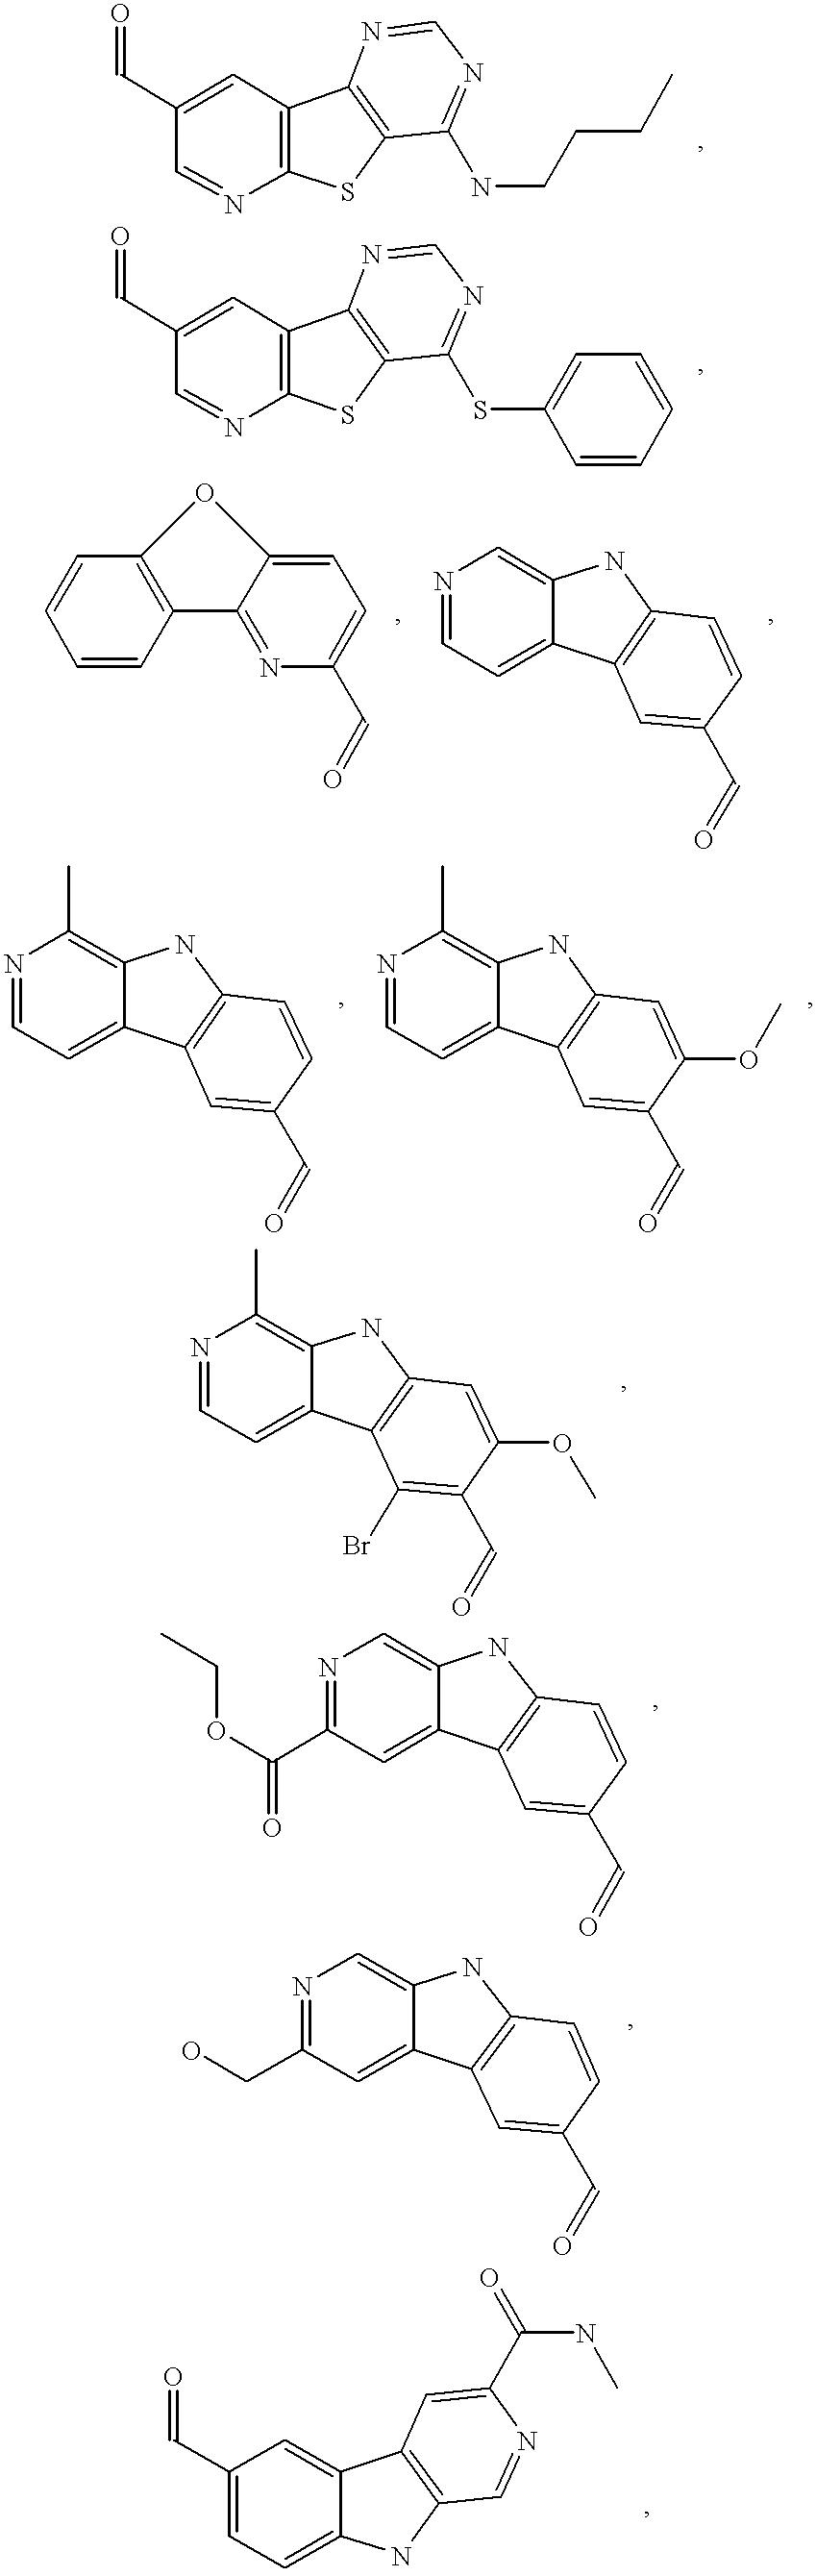 Figure US06514981-20030204-C00066